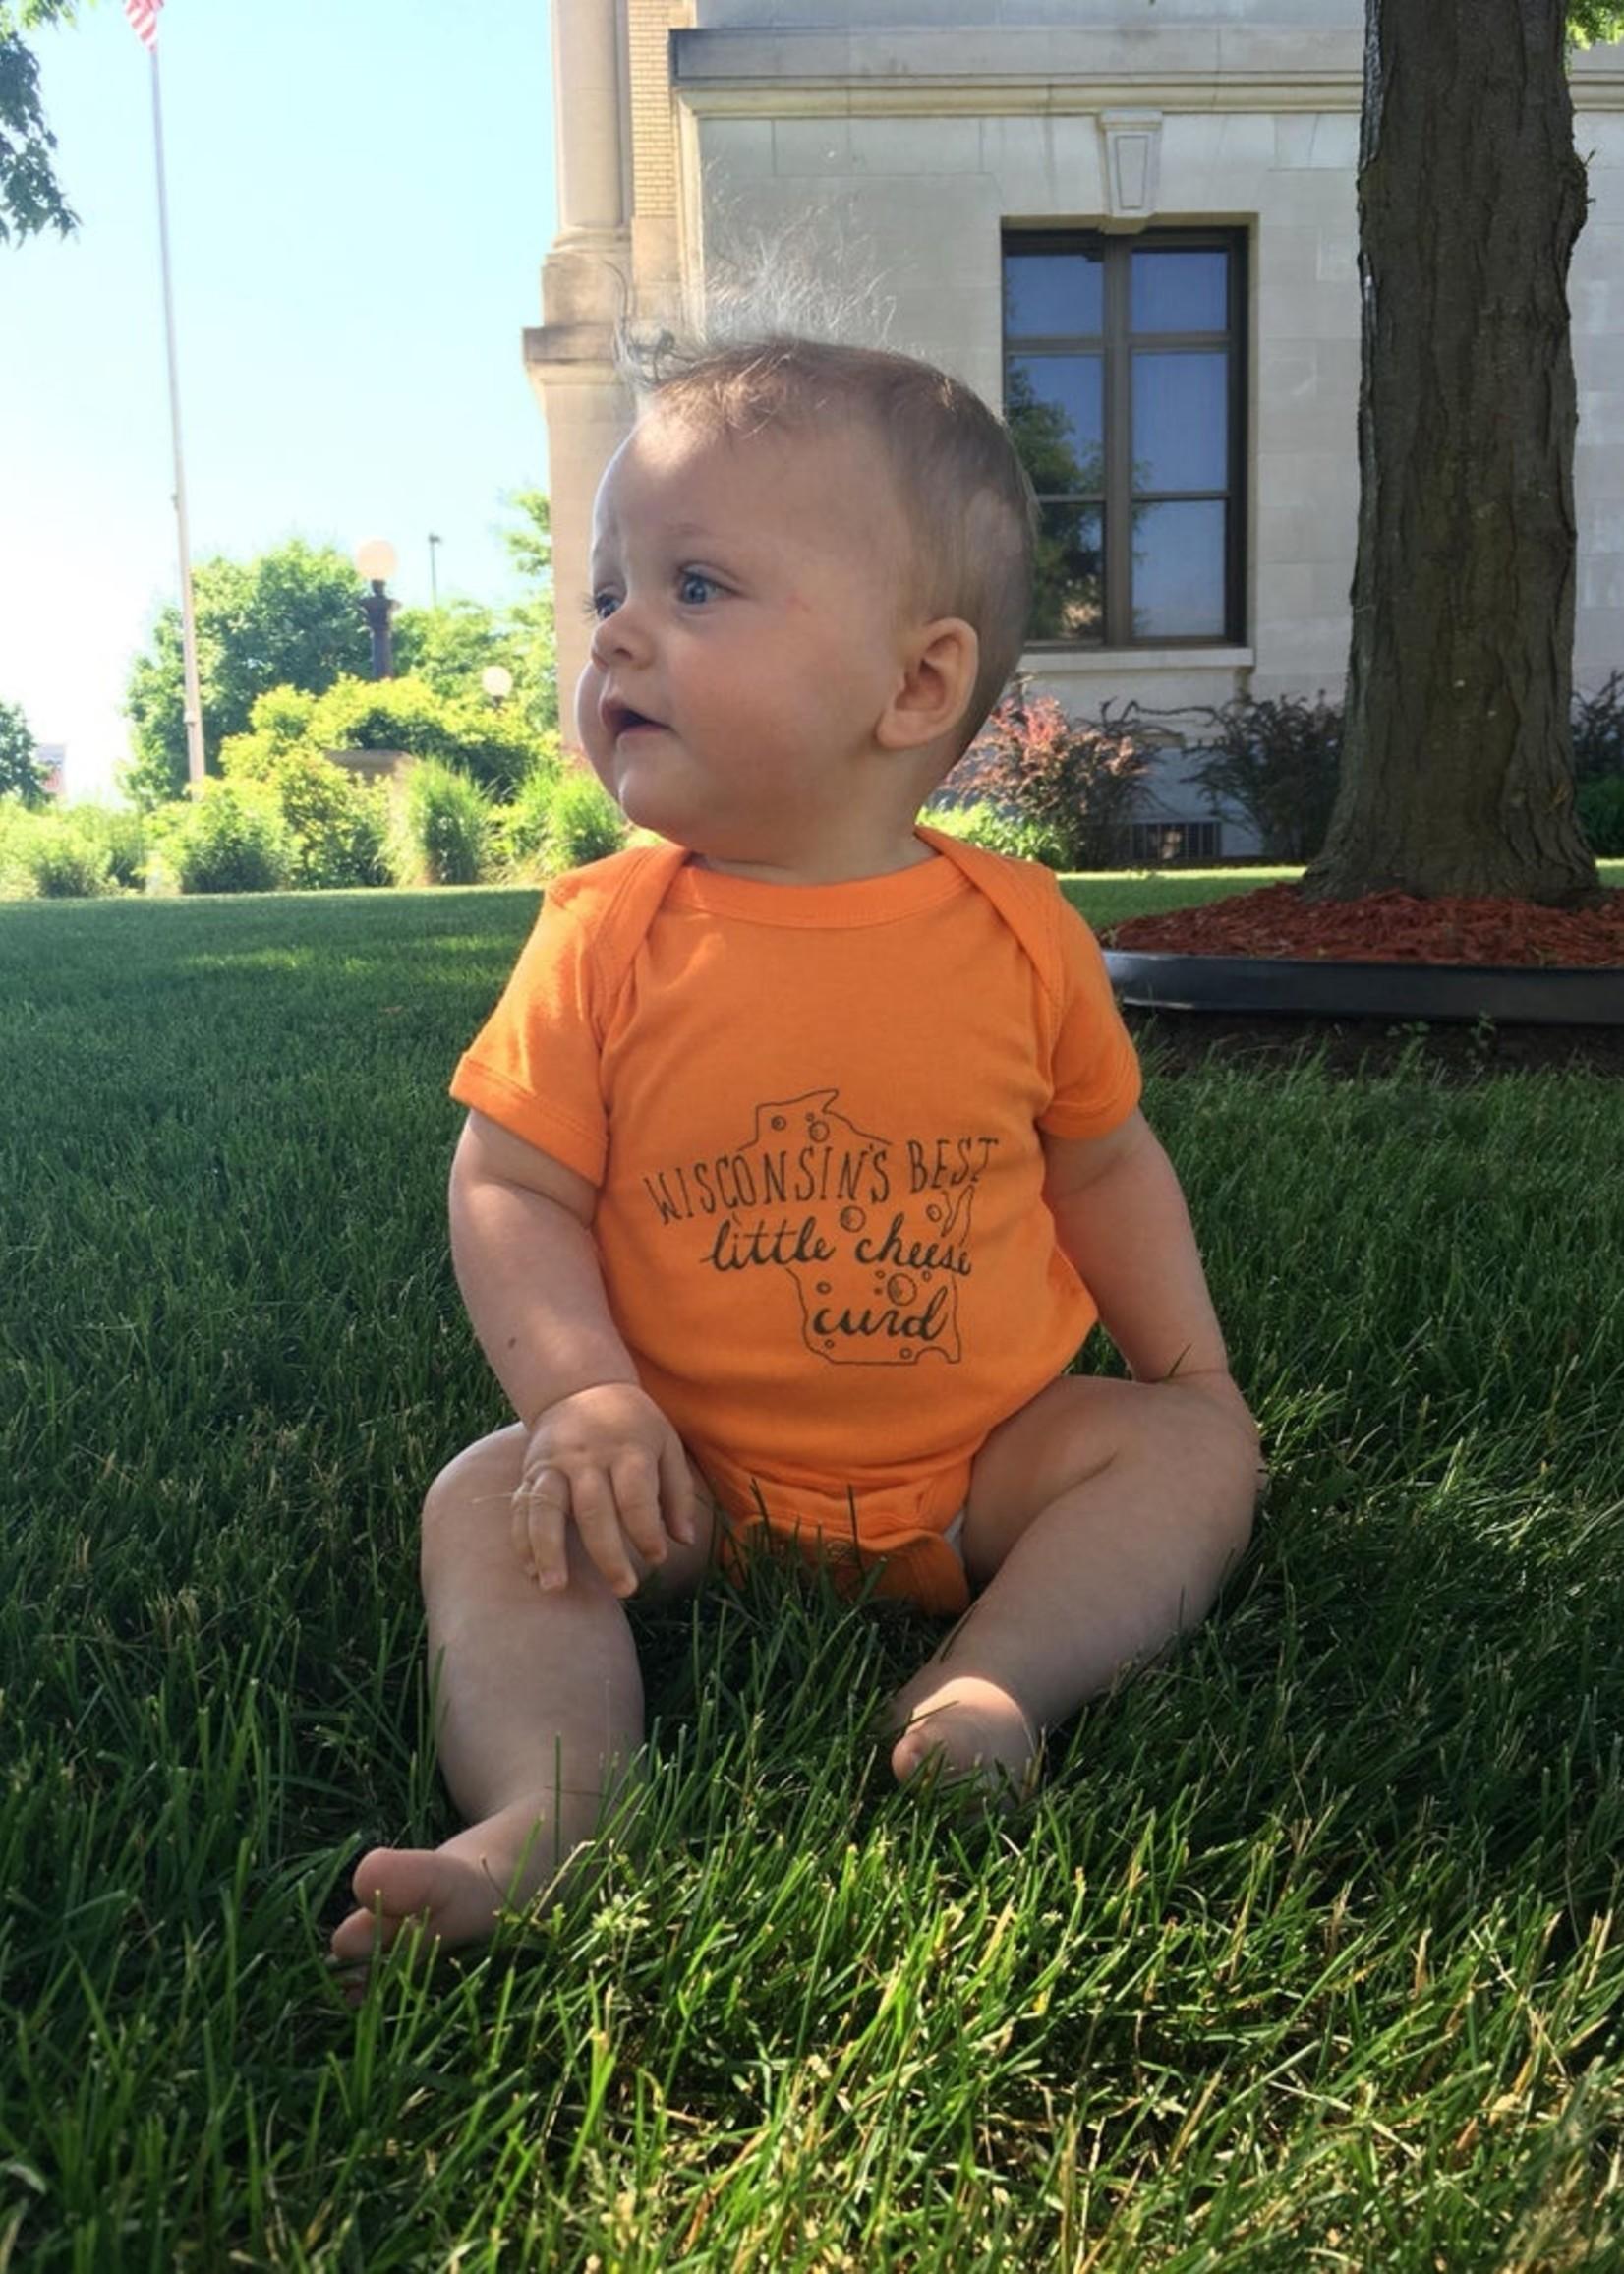 Wisconsin Best Little Cheesecurd Onesie